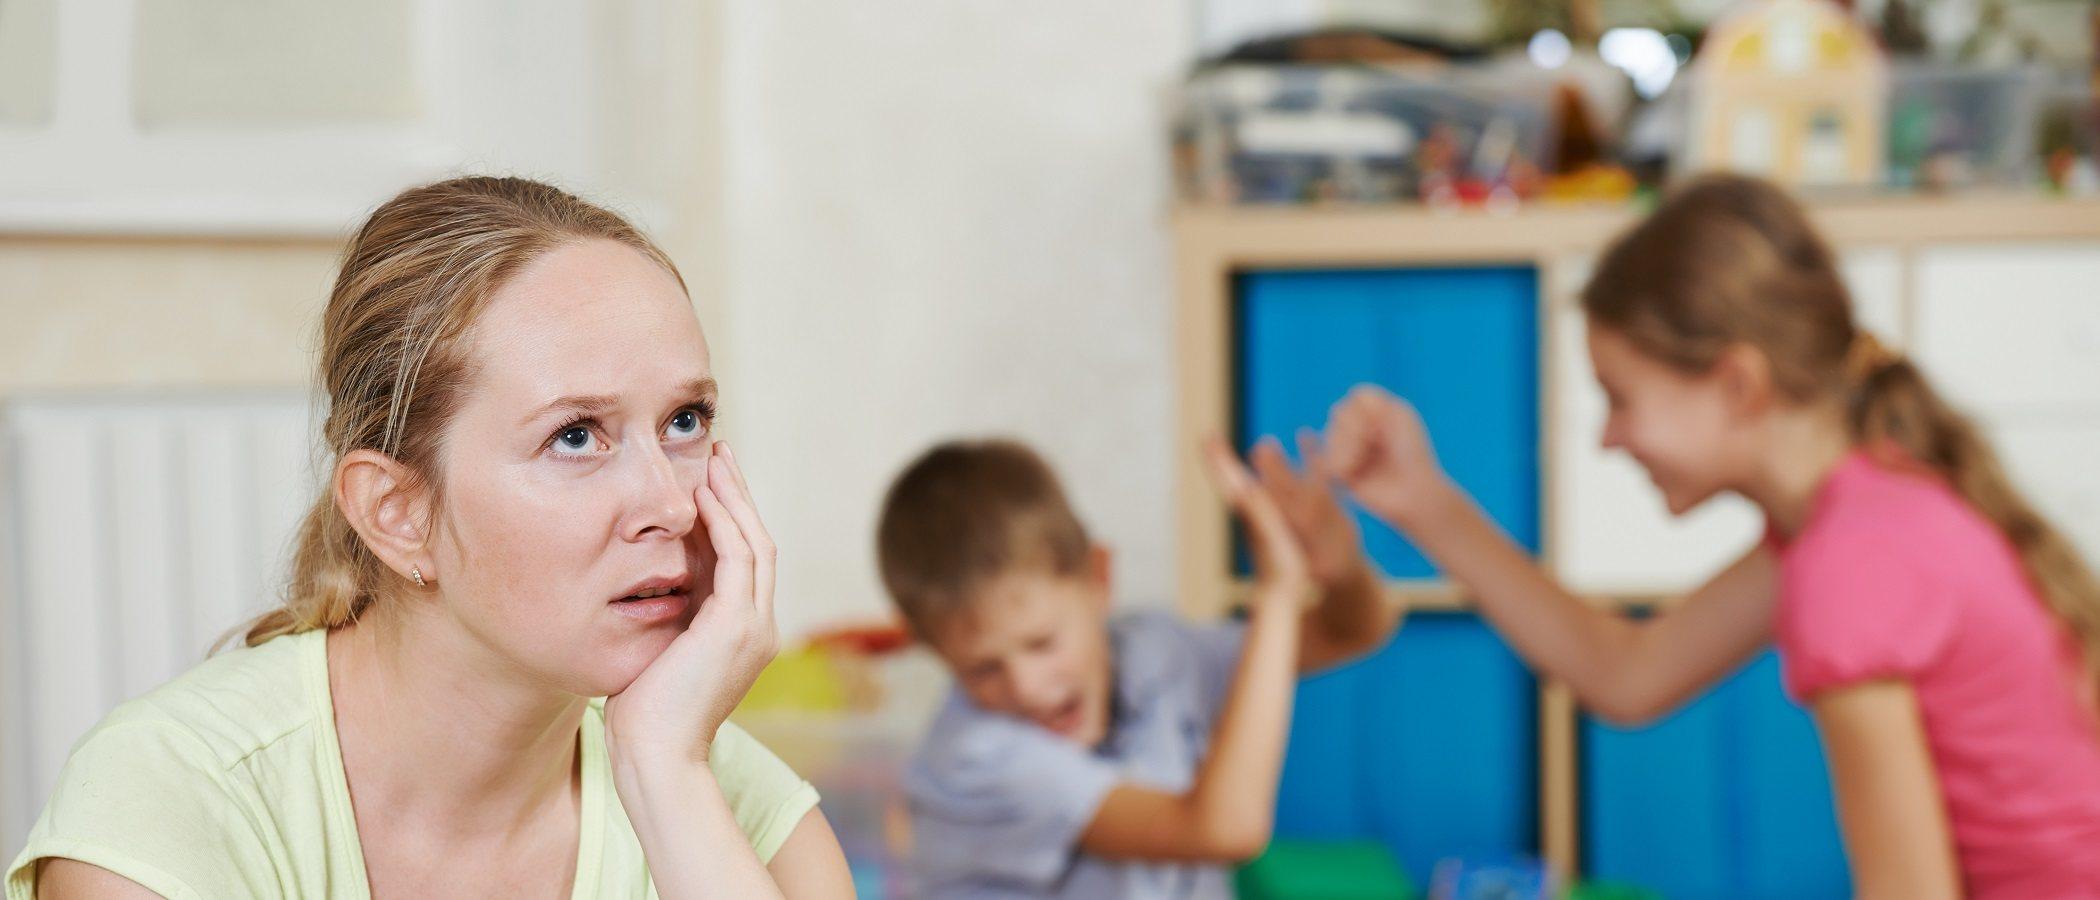 Cuándo un niño puede comenzar a tener control de impulsos